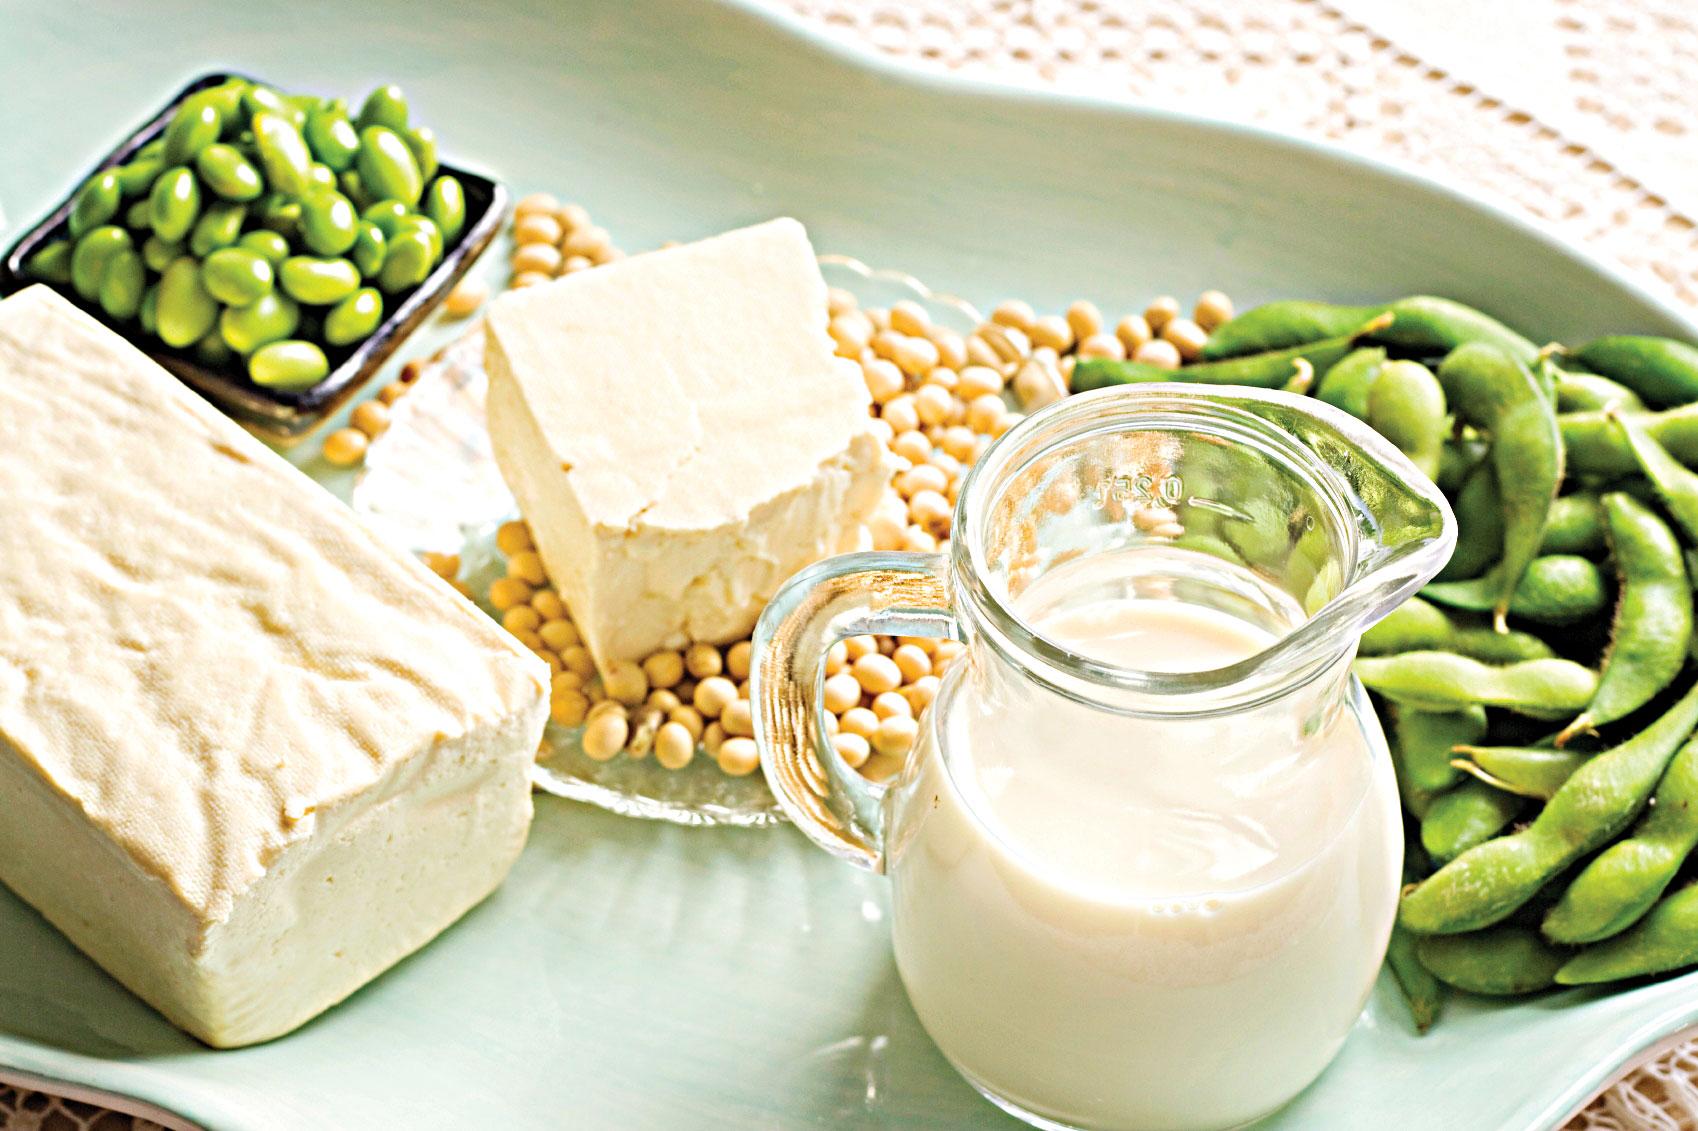 Cảnh báo: Những thực phẩm không nên để qua đêm kẻo trở thành độc dược chết người - Ảnh 2